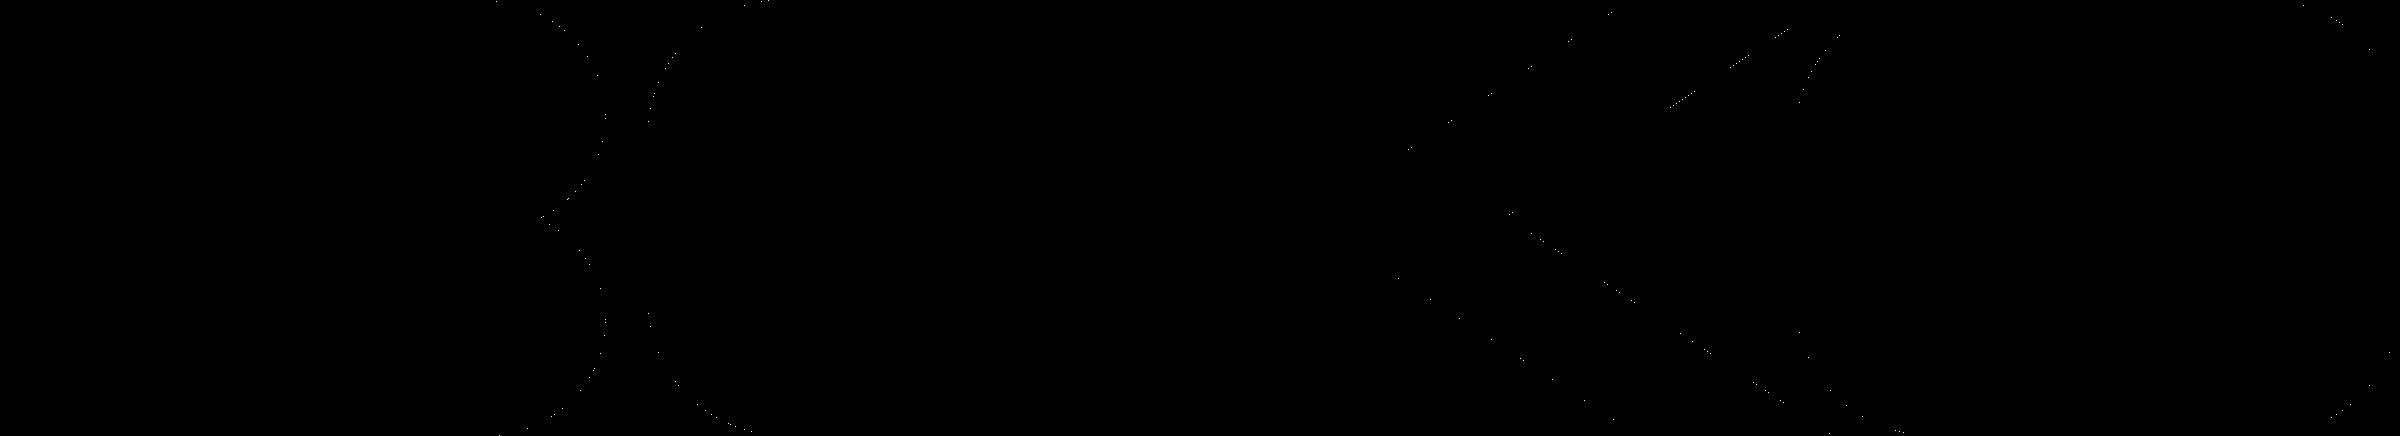 Beko Logo PNG Transparent & SVG Vector.